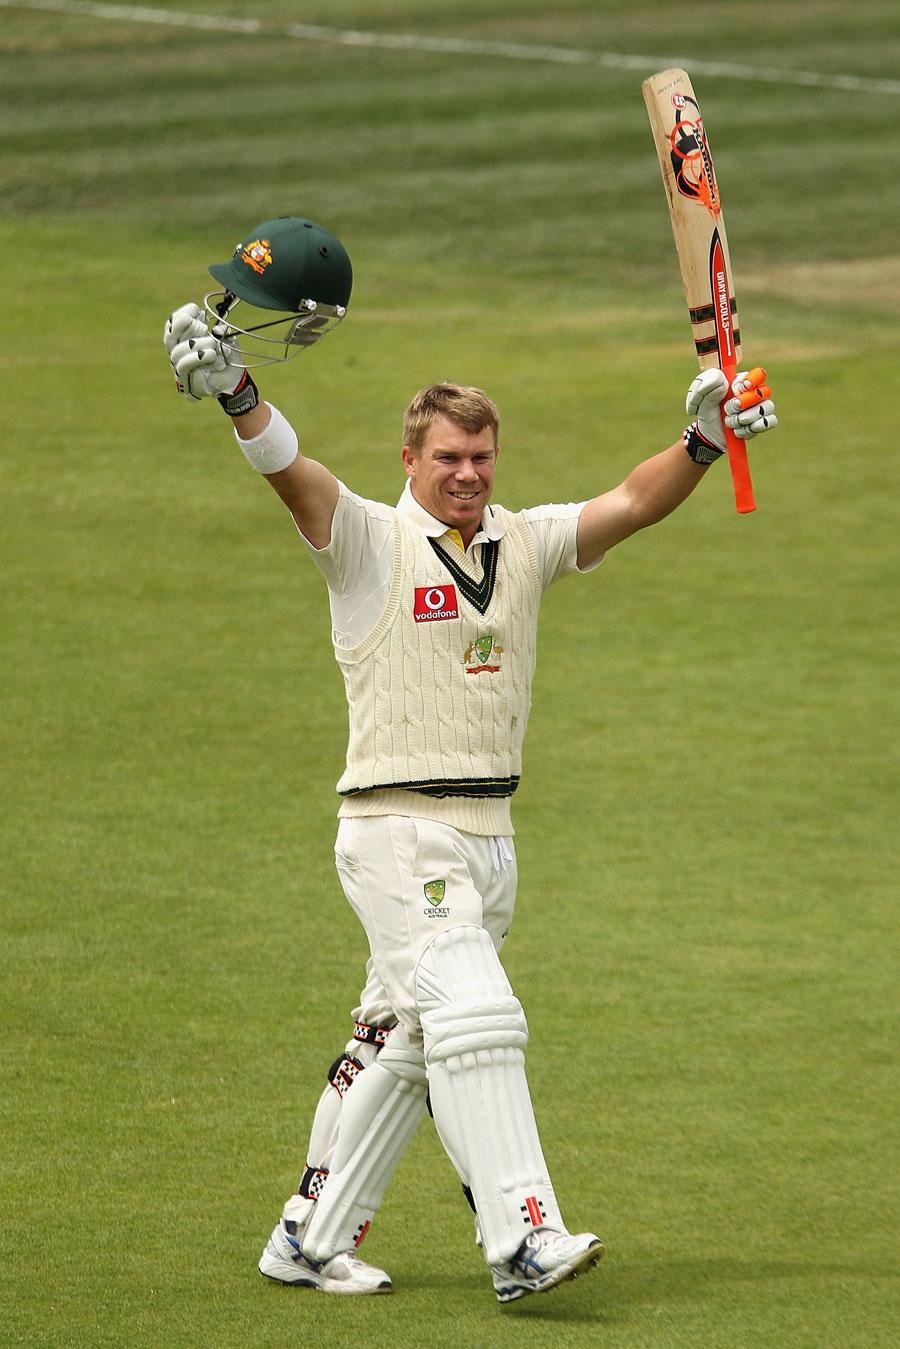 ڈیوڈ وارنر کی 'بیٹ کیری' اننگز بھی آسٹریلیا کو شکست سے نہ نکال پائی البتہ میچ کے بہترین کھلاڑی کا اعزاز ان کے نام رہا (تصویر: Getty Images)